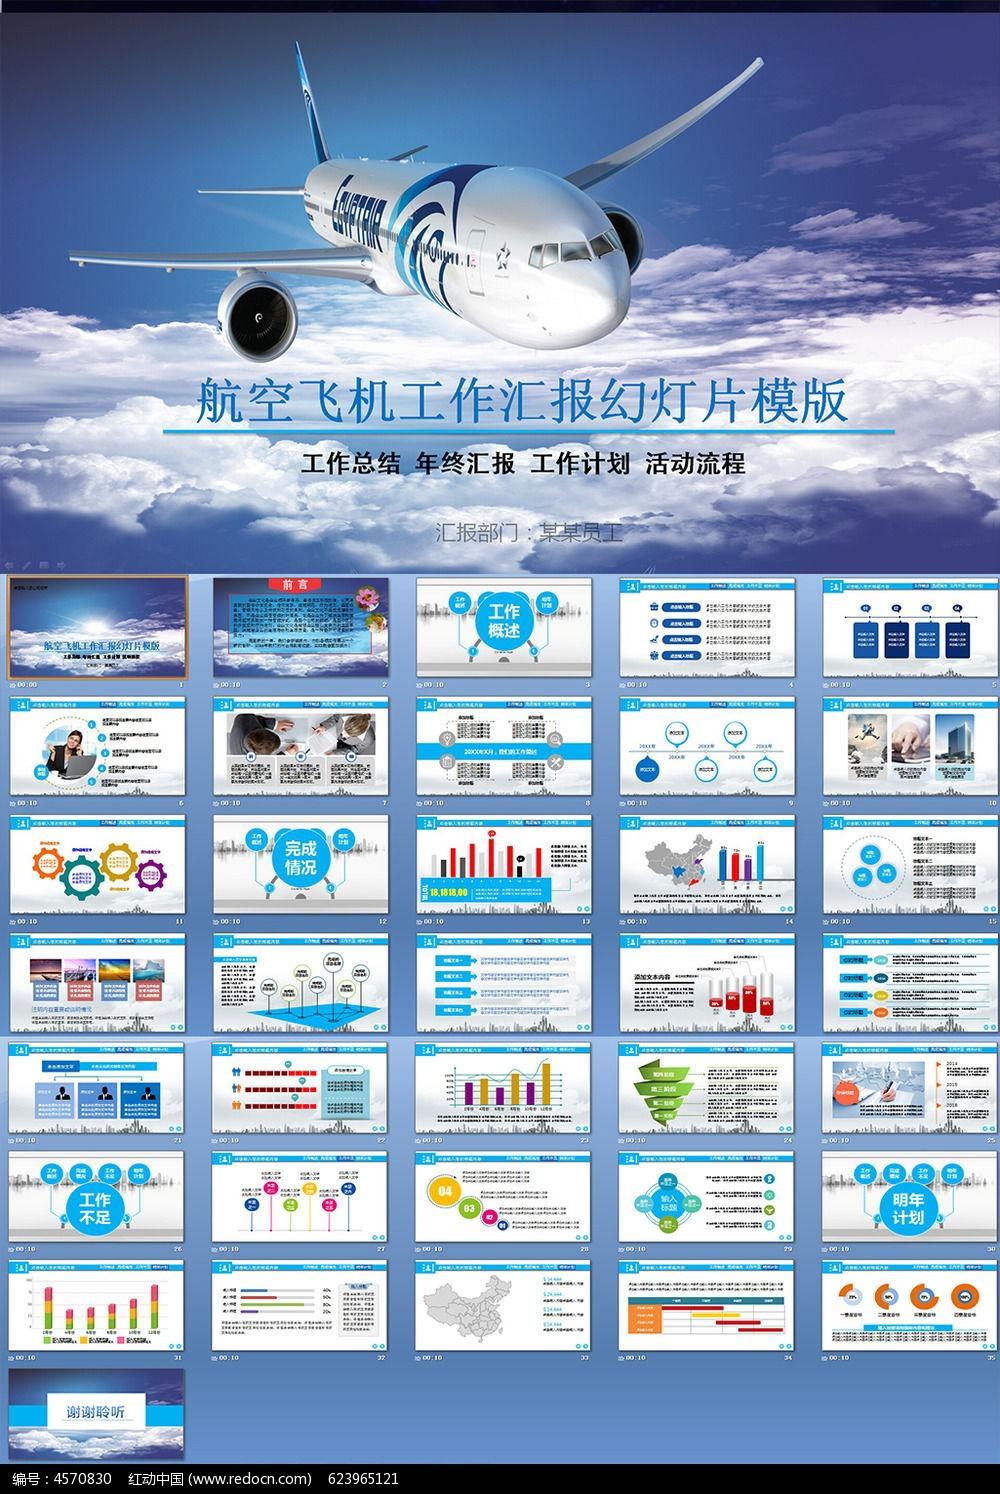 航空飞机会议总结ppt模板pptx素材下载_商务贸易ppt图片